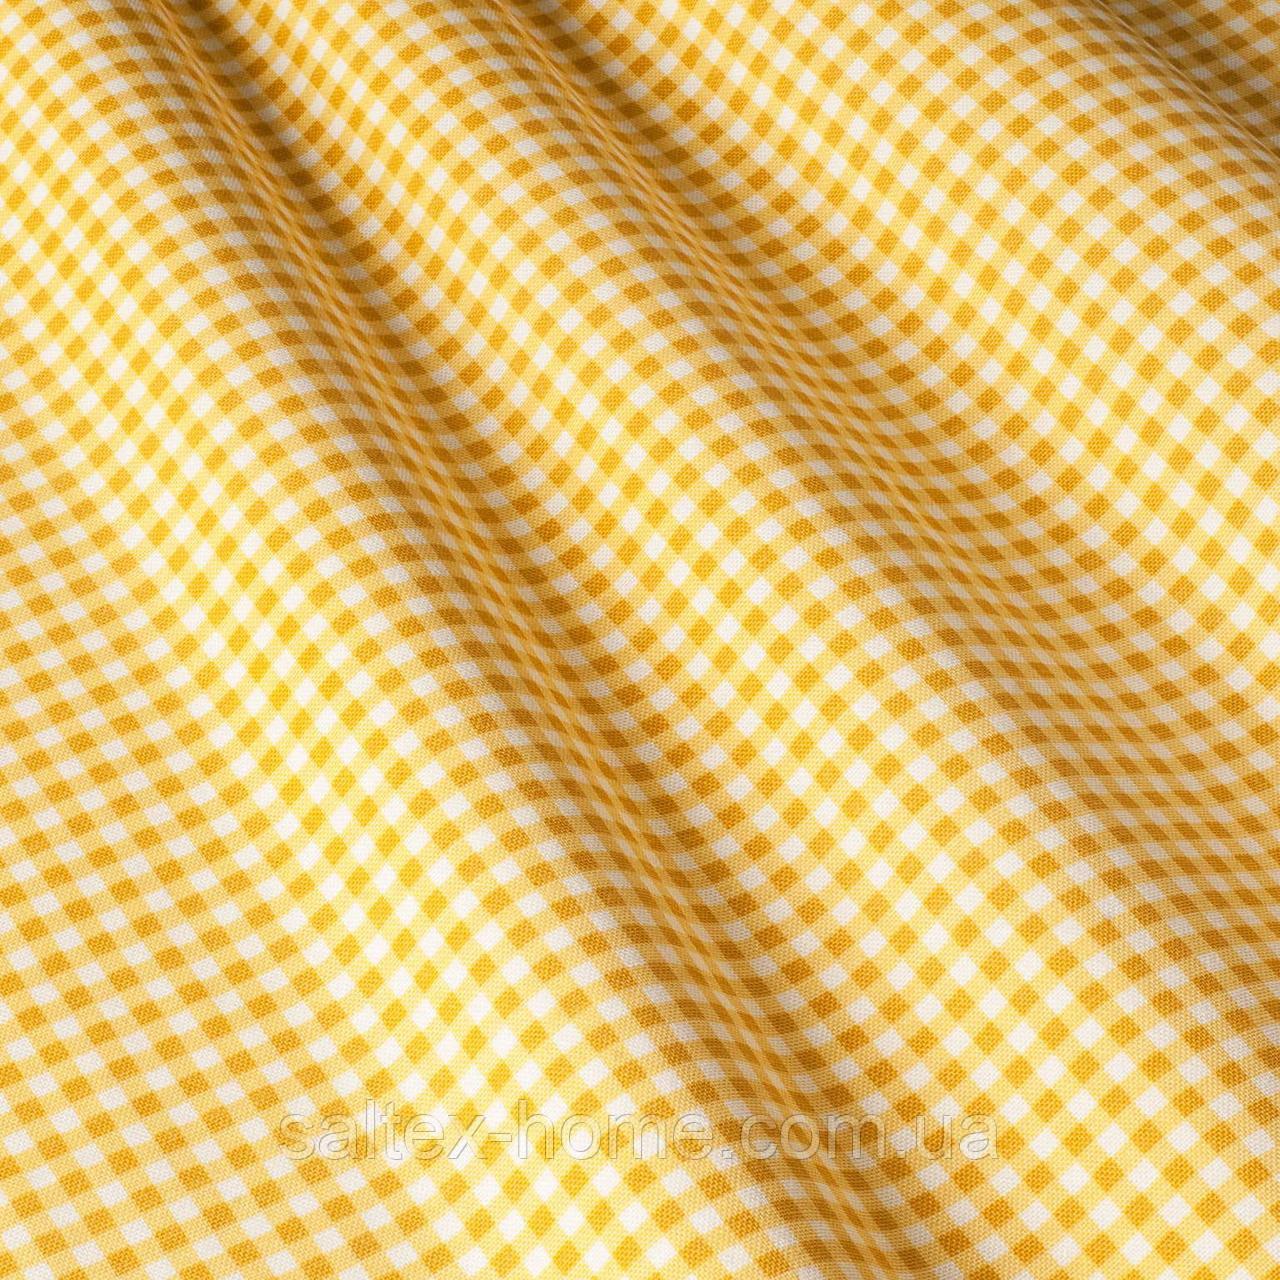 Скатерть в мелкую клетку с тефлоновым покрытием